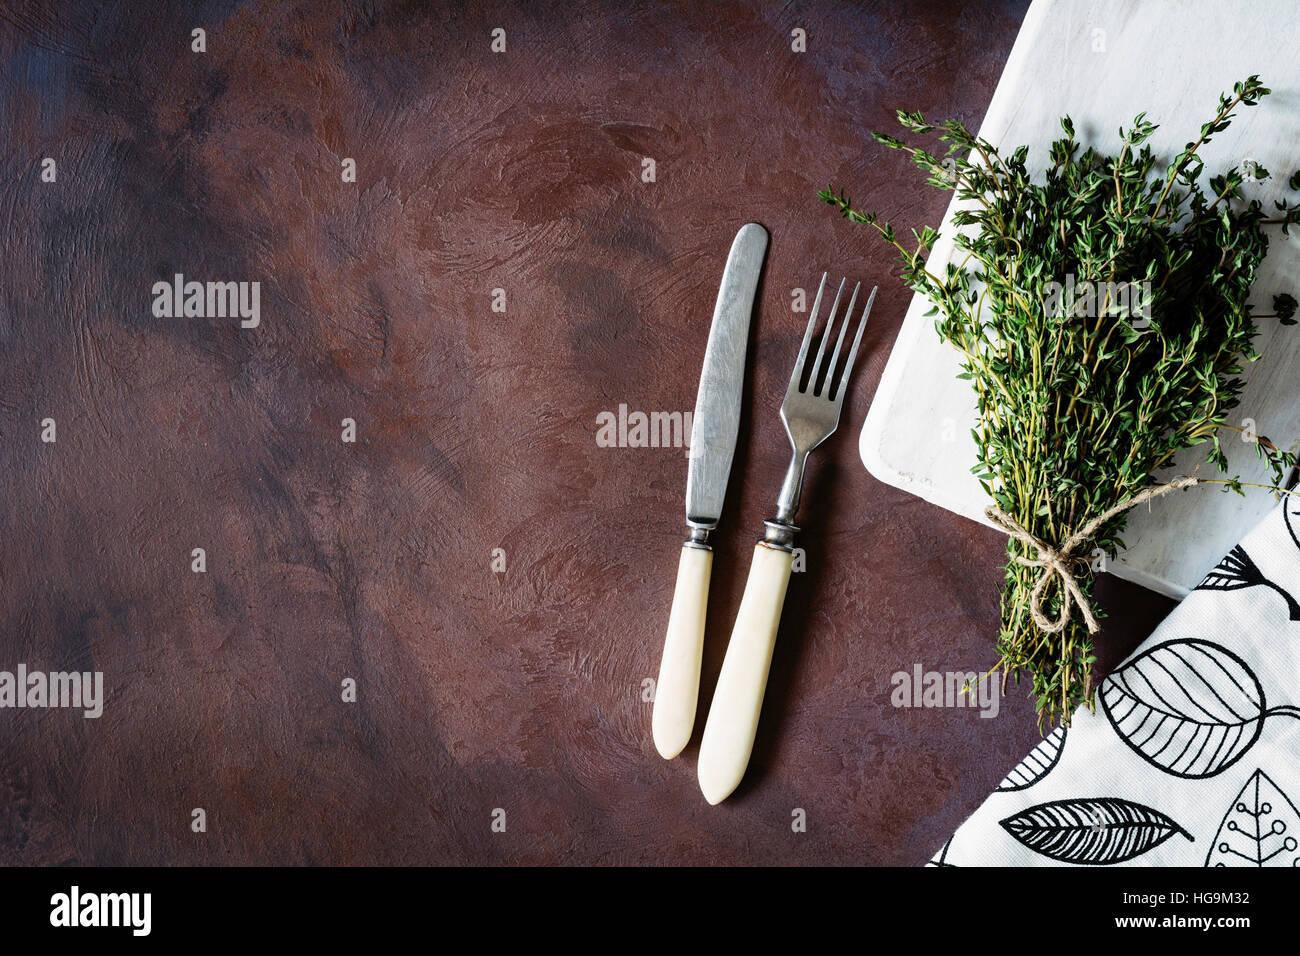 Vintage Besteck mit Elfenbein Griff, dunkle Textilien, Holzbrett und Bund frischen Thymian auf dunklem Hintergrund Stockbild